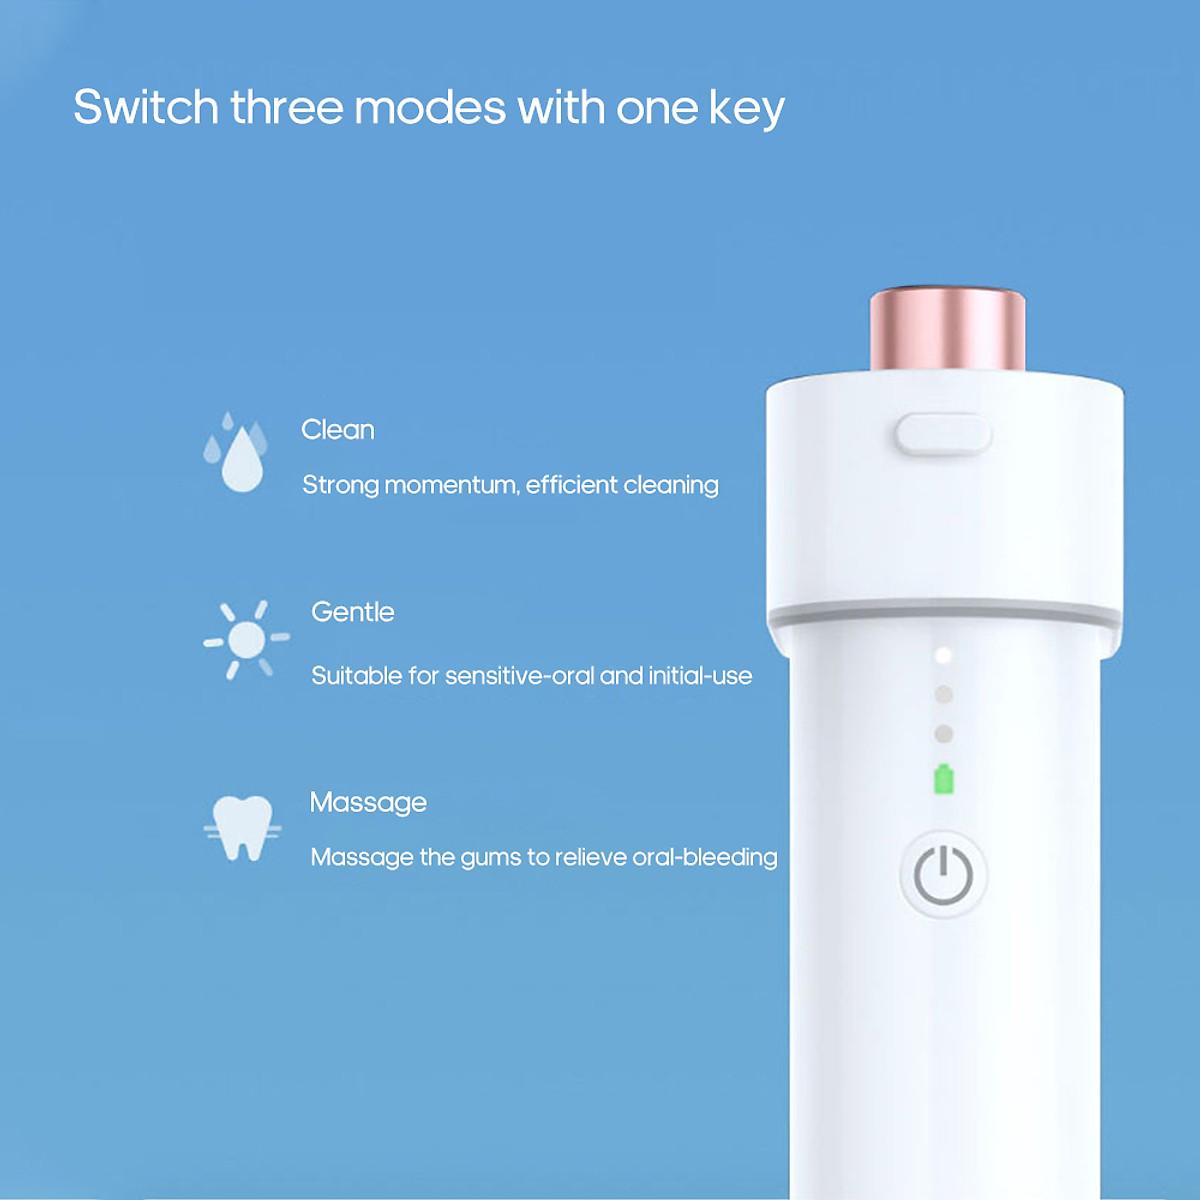 Tăm nước DR.BEI Dụng cụ vệ sinh răng miệng cầm tay F3 Công cụ làm sạch răng nhỏ gọn 180ml 3 cấp độ   Tiki